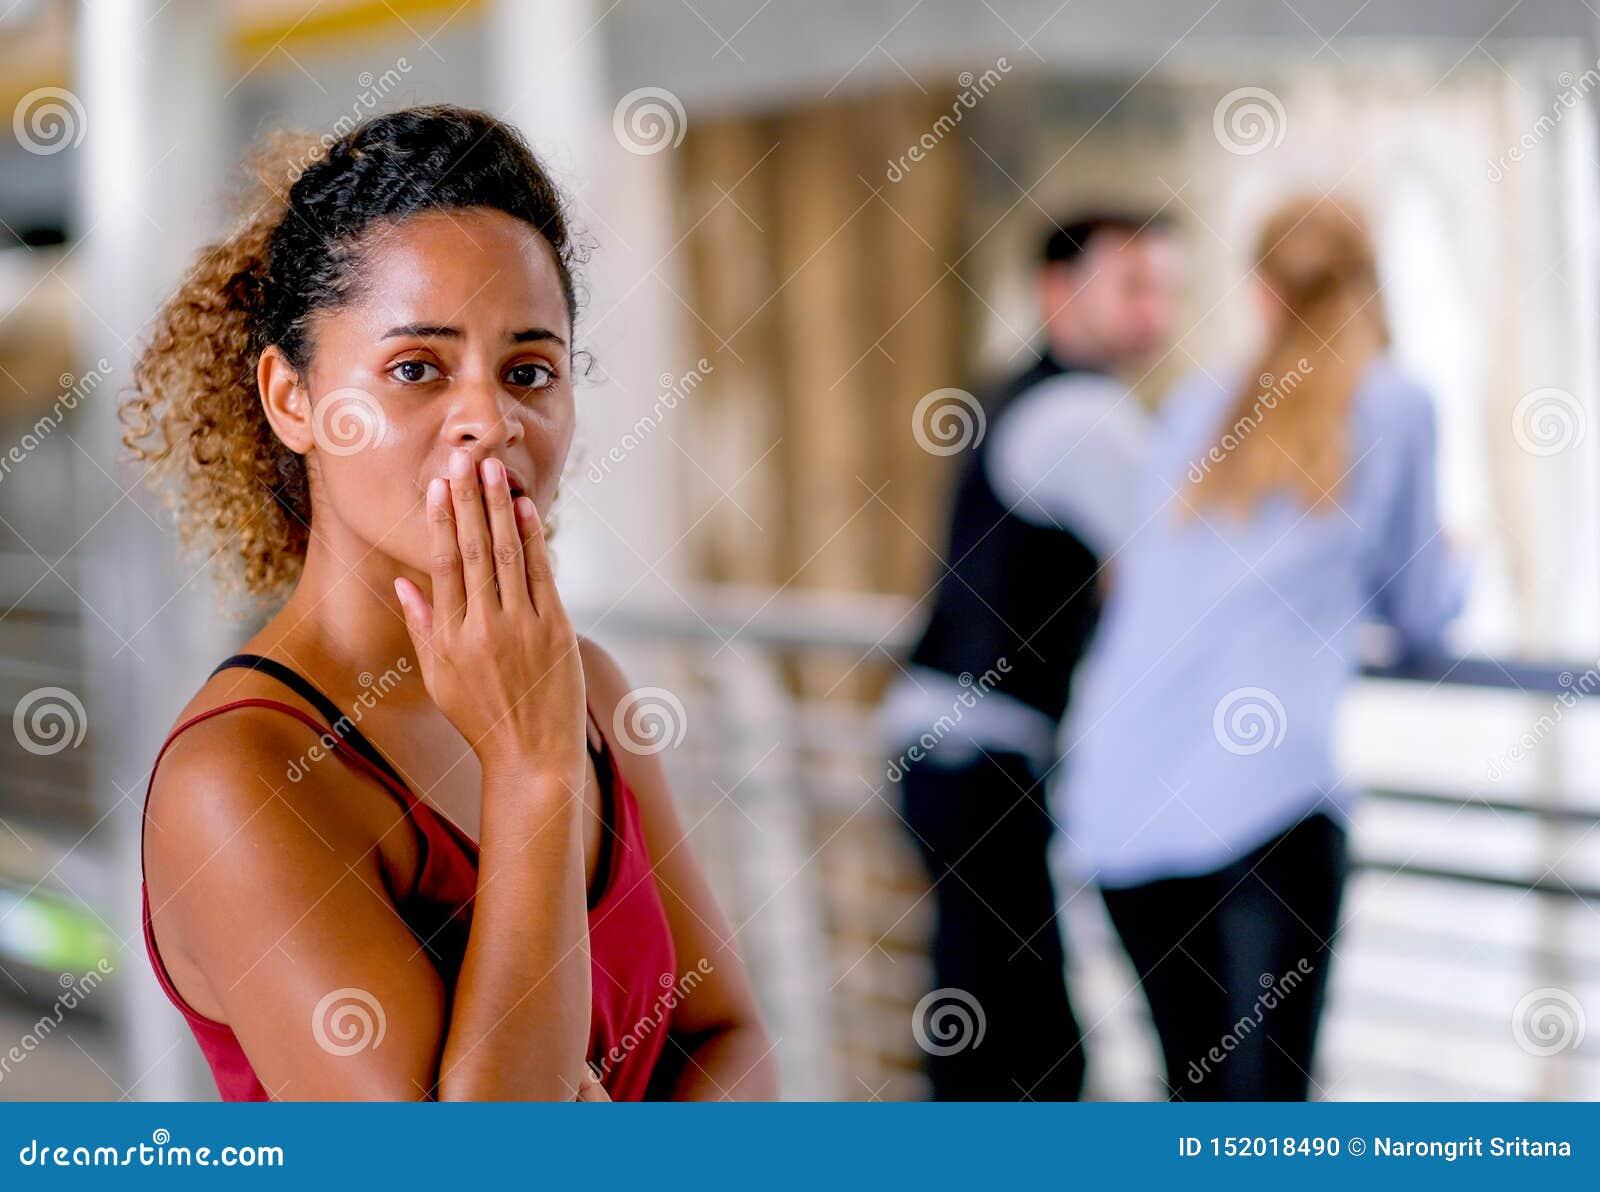 La oscuridad broncea la raza mixta de la piel que la mujer actúa como trastornada o infeliz cuando ella encontró su charla del no